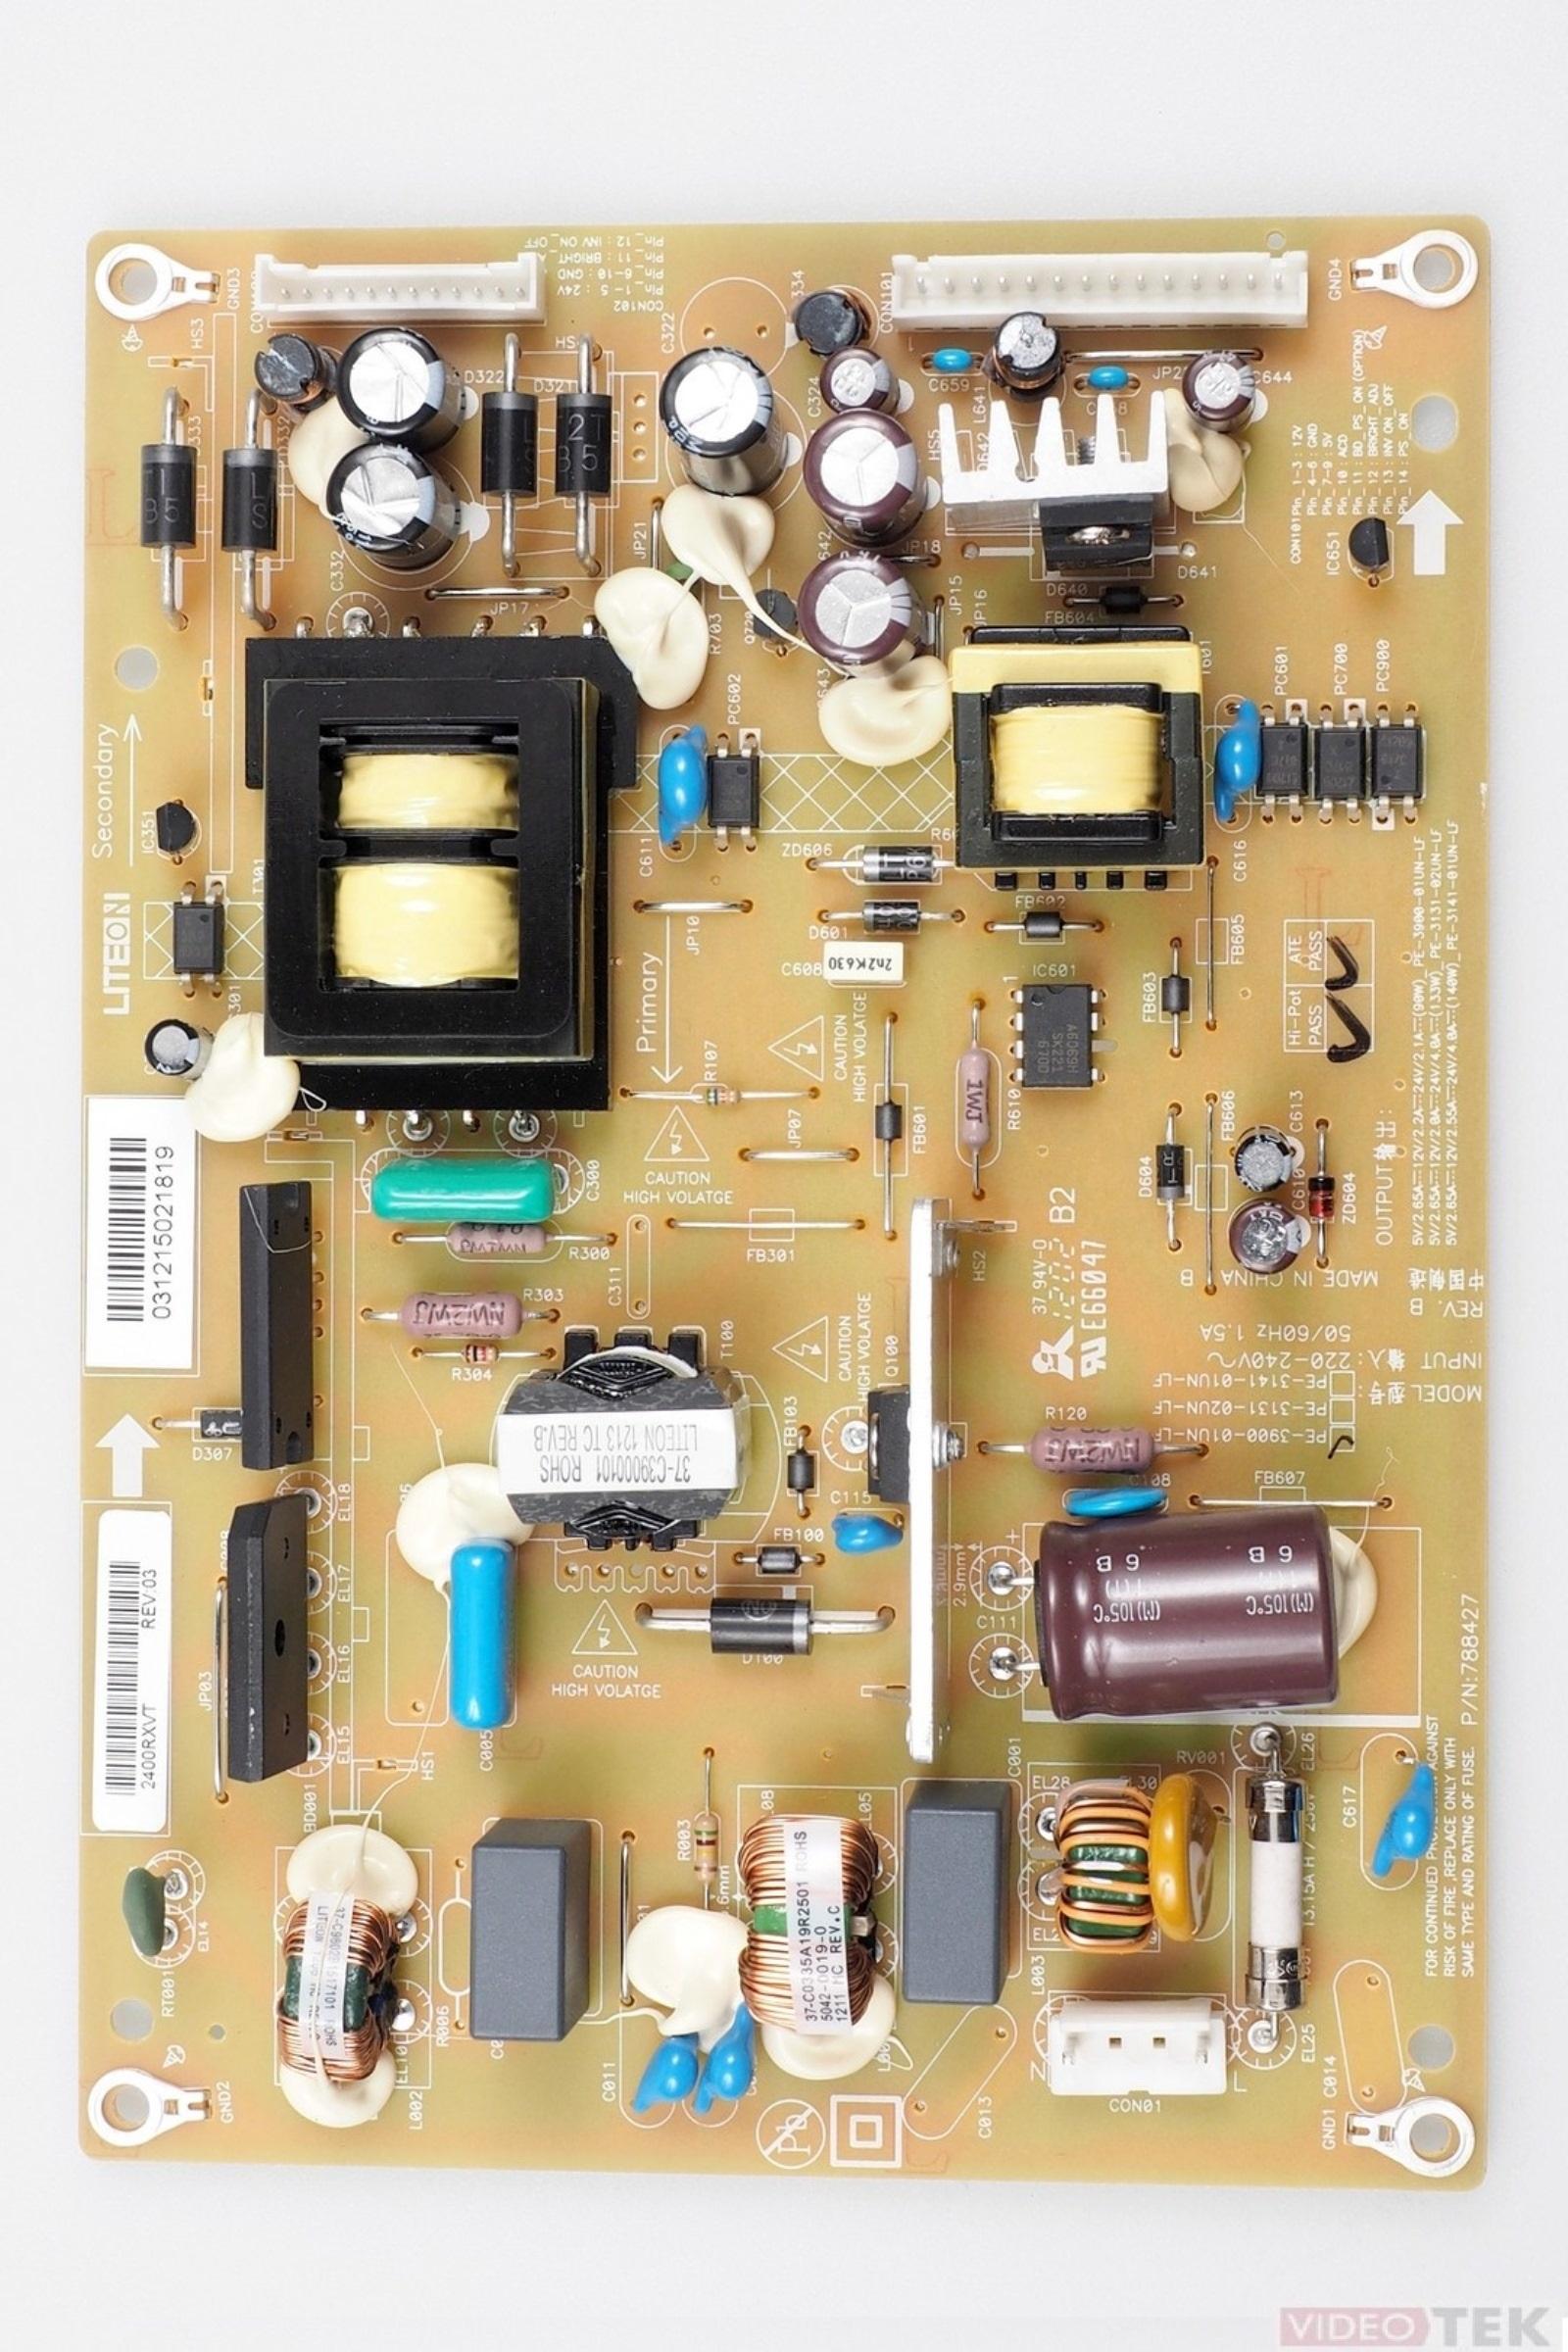 PL ALIM LCD TOSHIBA PE-3900-01UN-LF 75025229